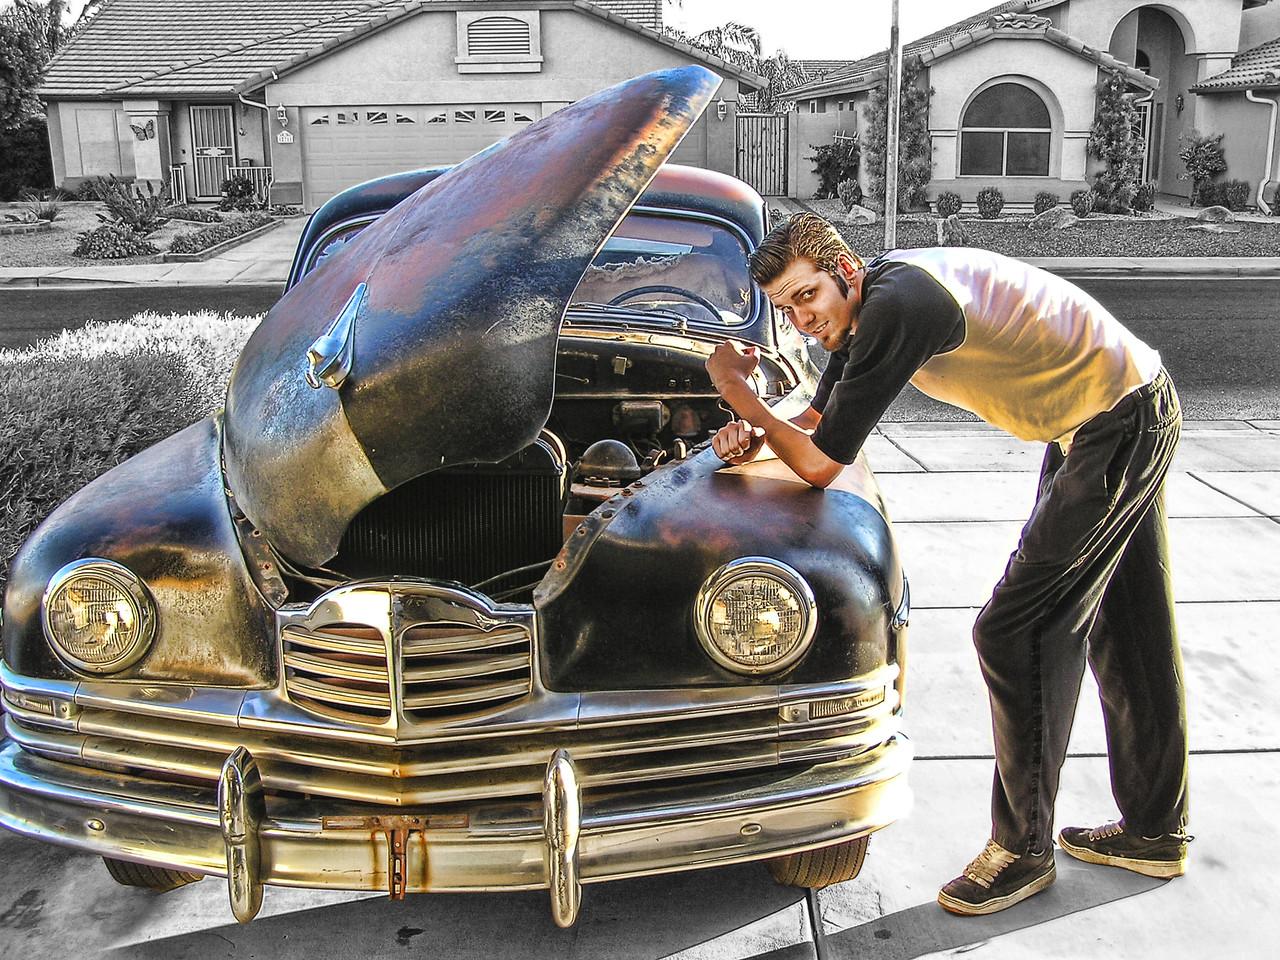 Ryan Messner & his 1950 Packard Nov 11, 2004